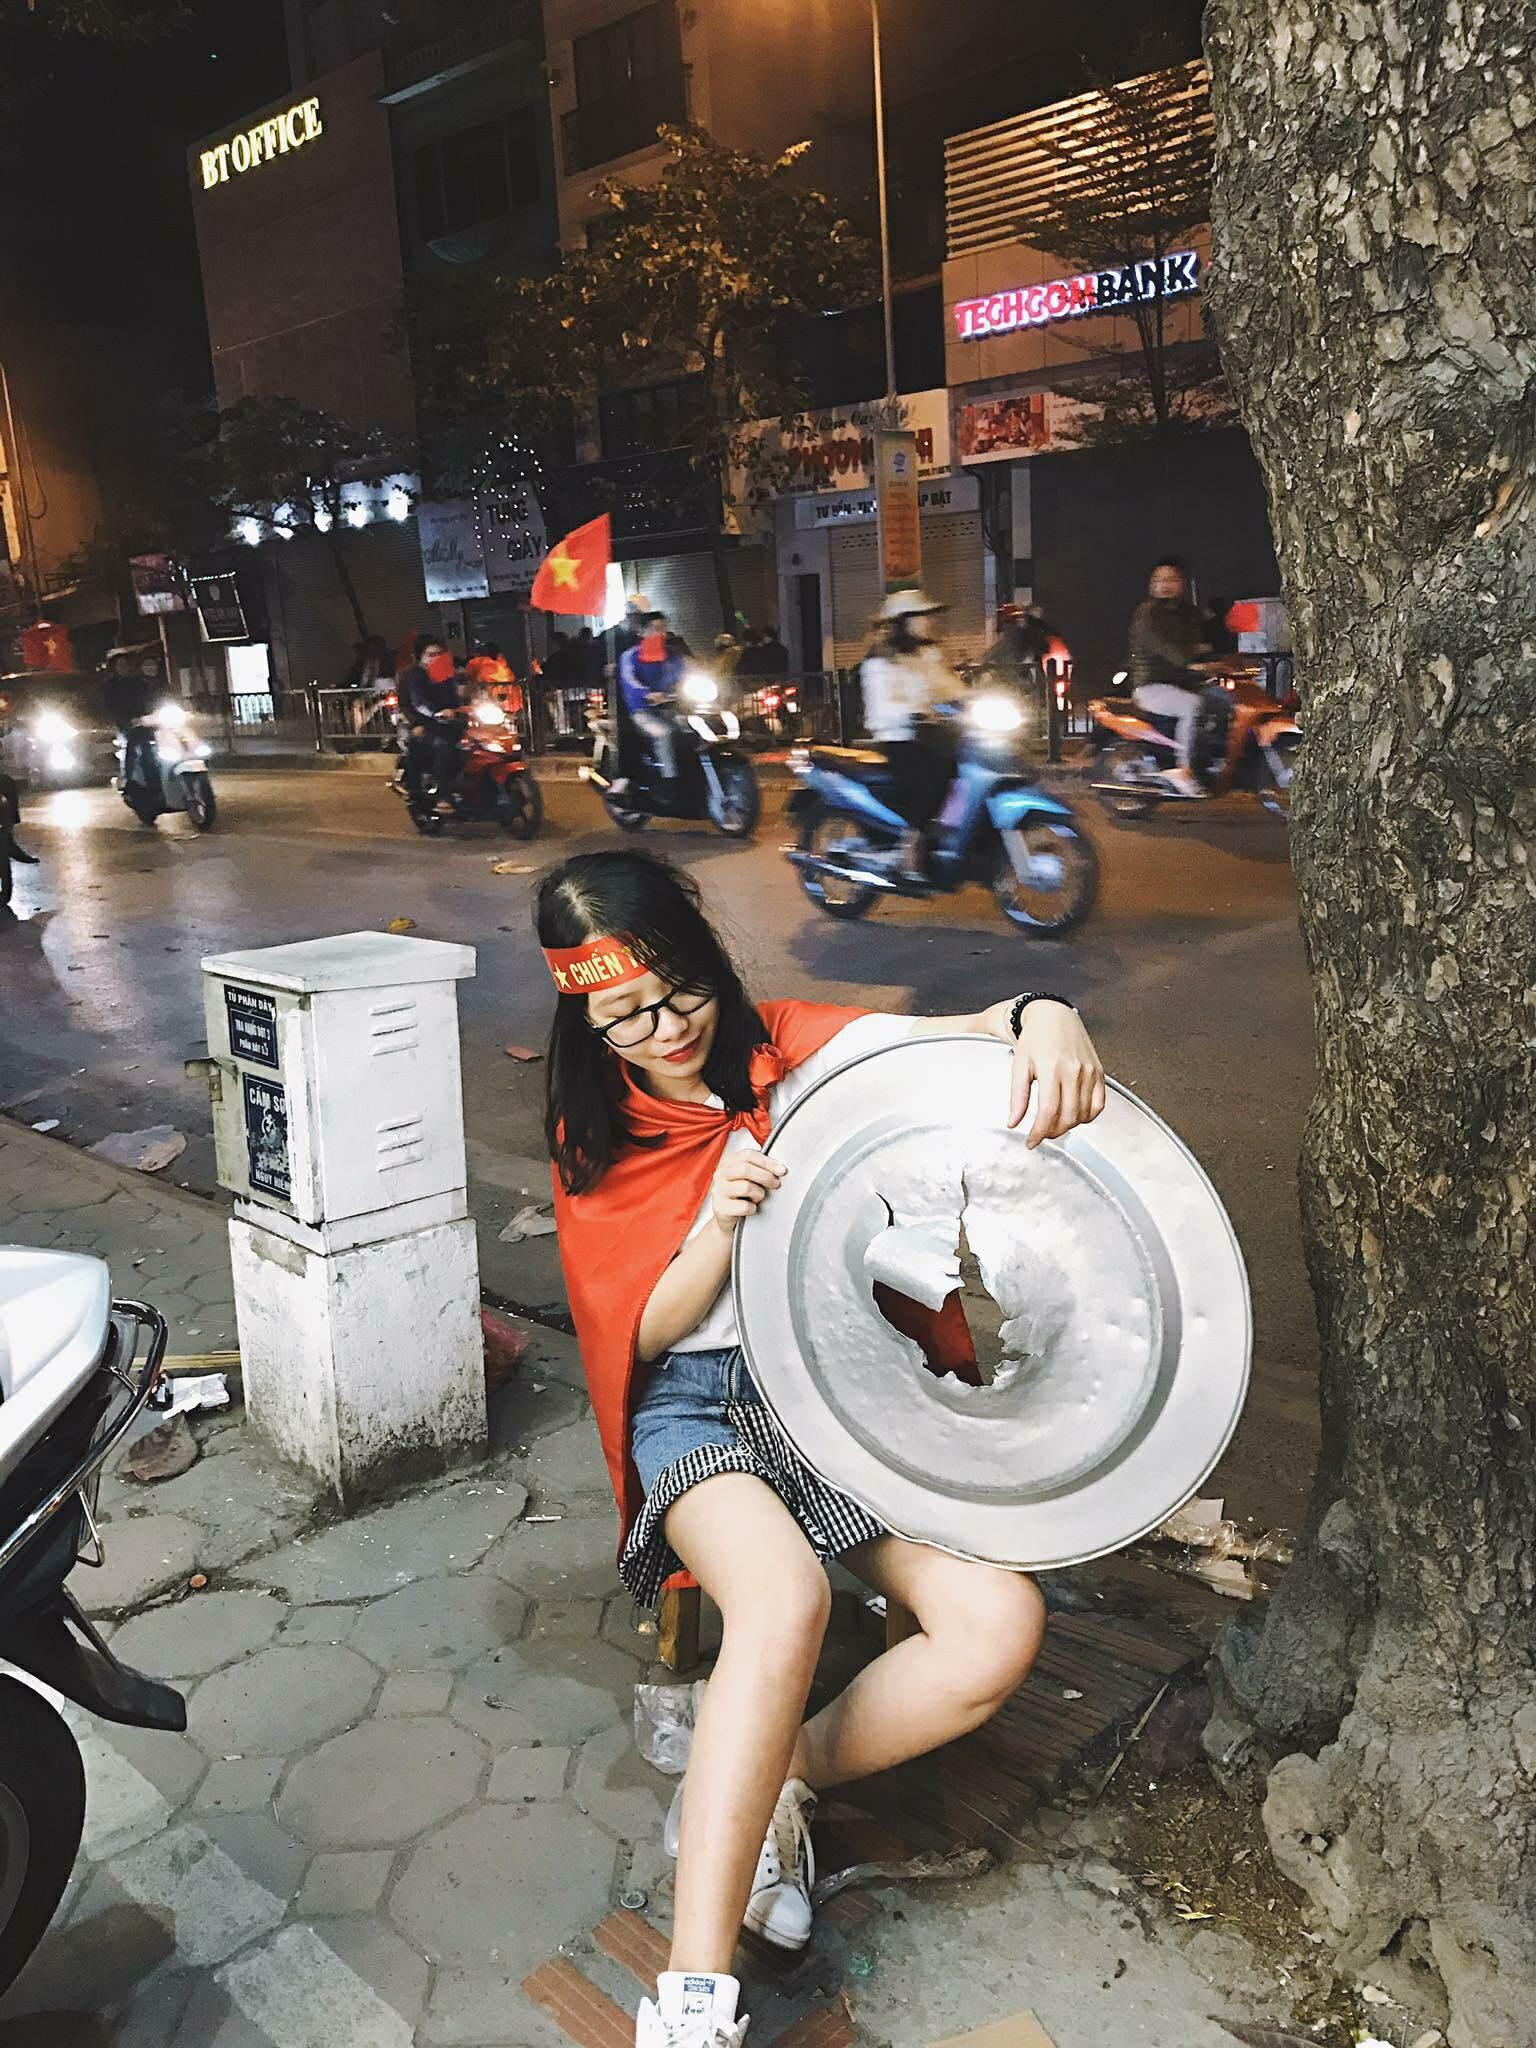 Những nhạc cụ gõ mừng U23 Việt Nam chiến thắng đặc dị khác thường nhất đêm qua - Ảnh 1.